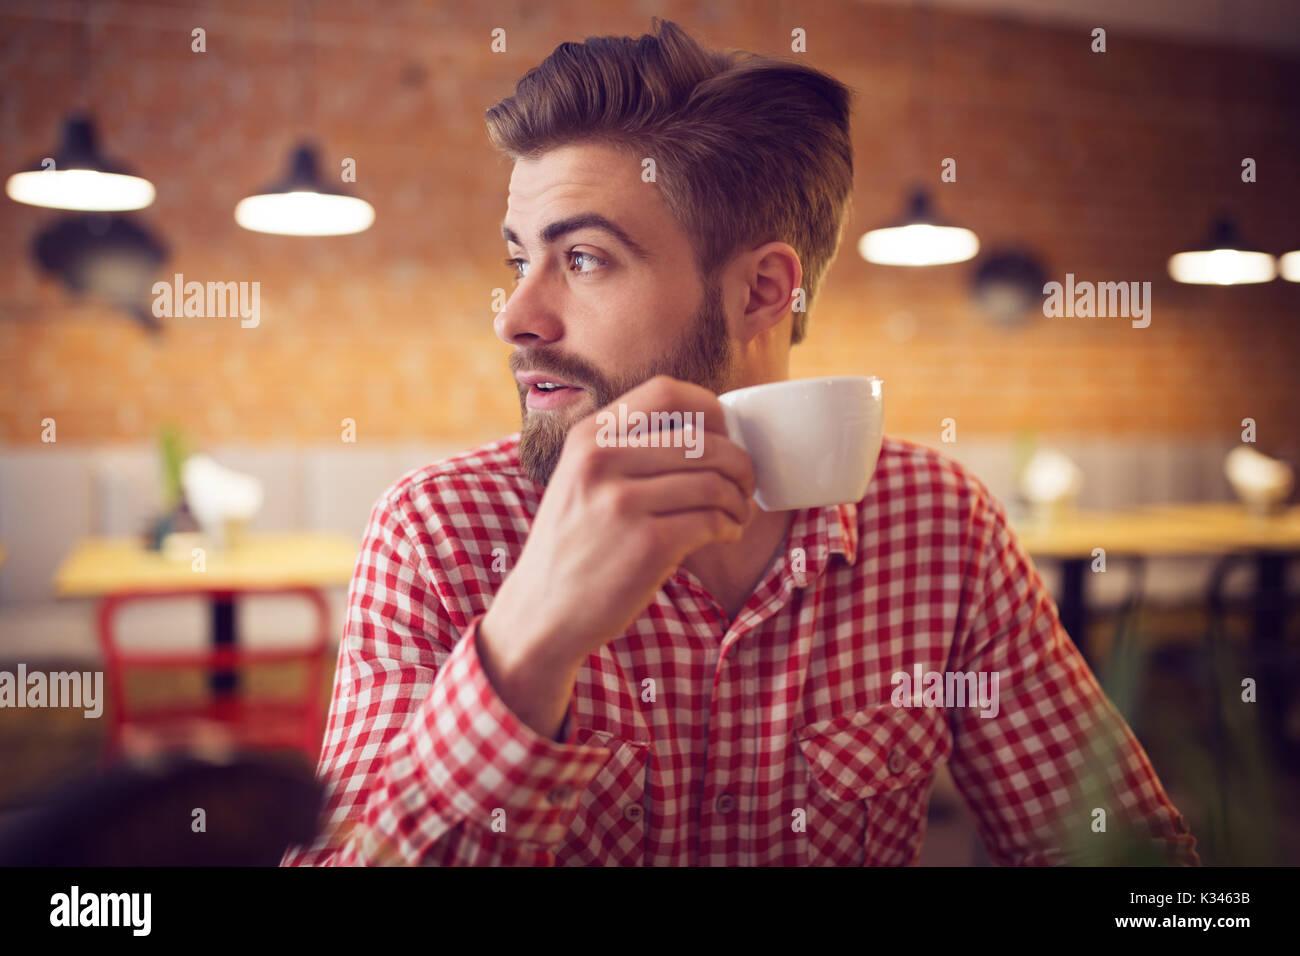 Une photo de jeune homme en chemise à carreaux assis au café avec une tasse de café à la main. Banque D'Images